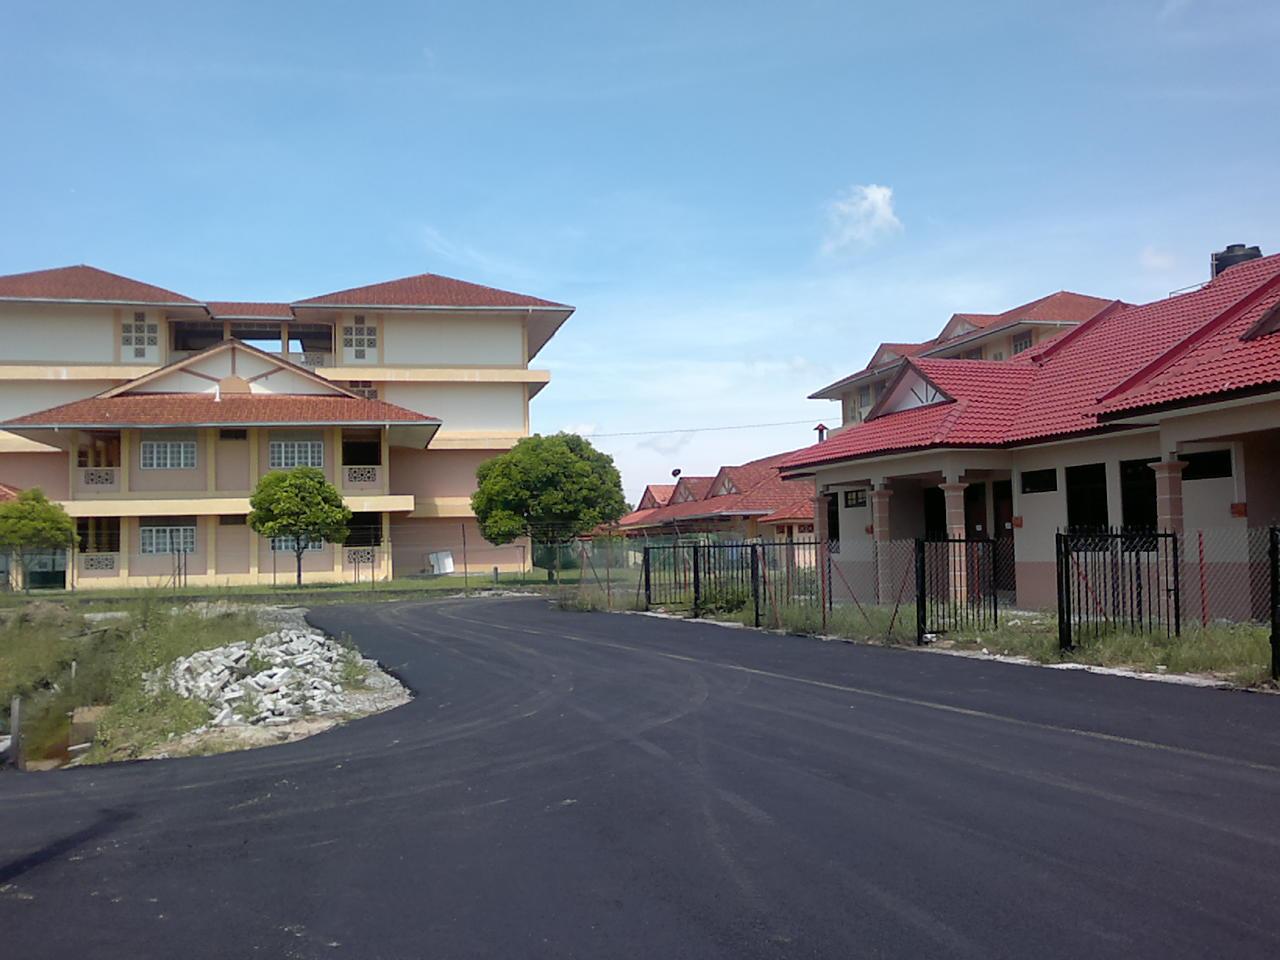 Gambar terbaru Taman pinggiran Universiti Bachok